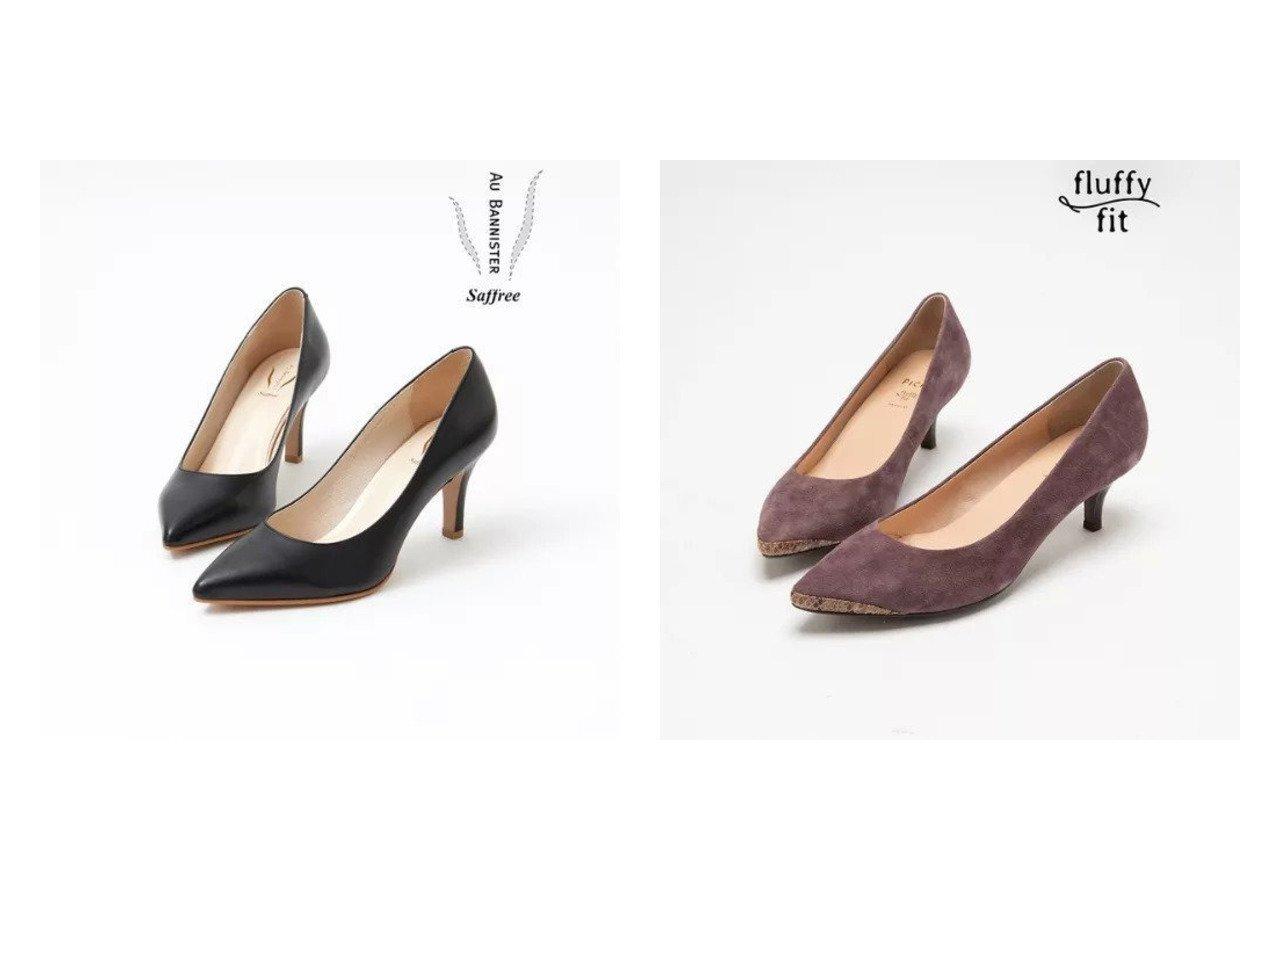 【Piche Abahouse/ピシェ アバハウス】のfluffy fit ポインテッドラインパンプス&【Au BANNISTER/オゥ バニスター】のSaffree ハイヒールパンプス シューズ・靴のおすすめ!人気、トレンド・レディースファッションの通販  おすすめで人気の流行・トレンド、ファッションの通販商品 メンズファッション・キッズファッション・インテリア・家具・レディースファッション・服の通販 founy(ファニー) https://founy.com/ ファッション Fashion レディースファッション WOMEN シューズ シンプル ダウン デニム ハイヒール 人気 インソール 秋 Autumn/Fall クッション スエード 定番 Standard パイソン ベーシック ワイド |ID:crp329100000010853